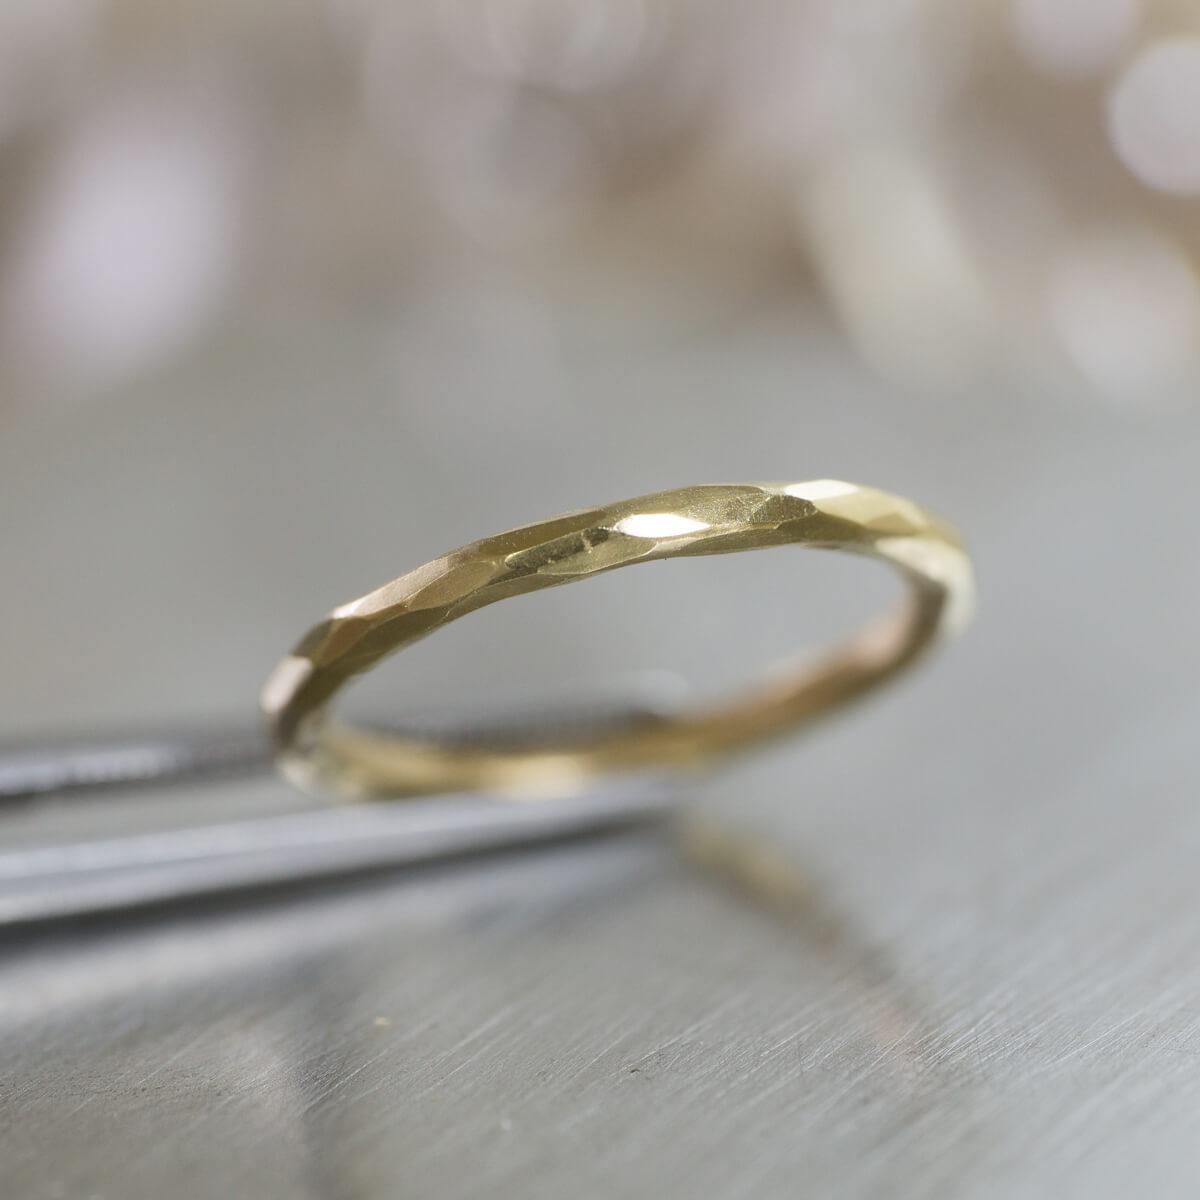 角度2 オーダーメイドマリッジリング ジュエリーのアトリエ ゴールド 屋久島でつくる結婚指輪